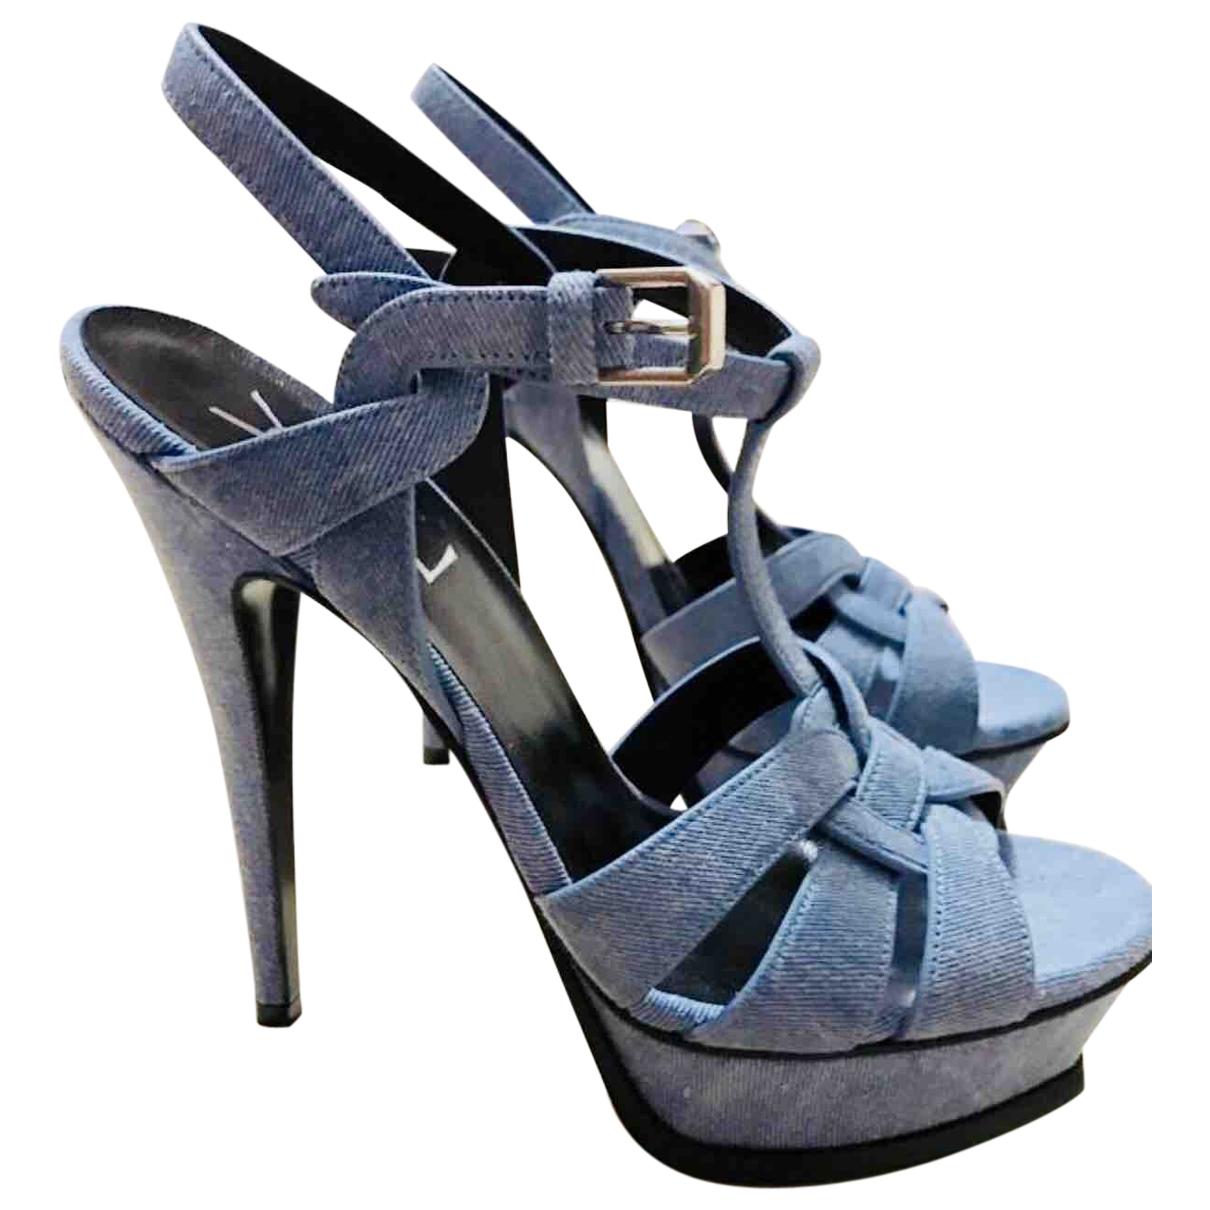 Saint Laurent Tribute Blue Cloth Sandals for Women 36.5 EU